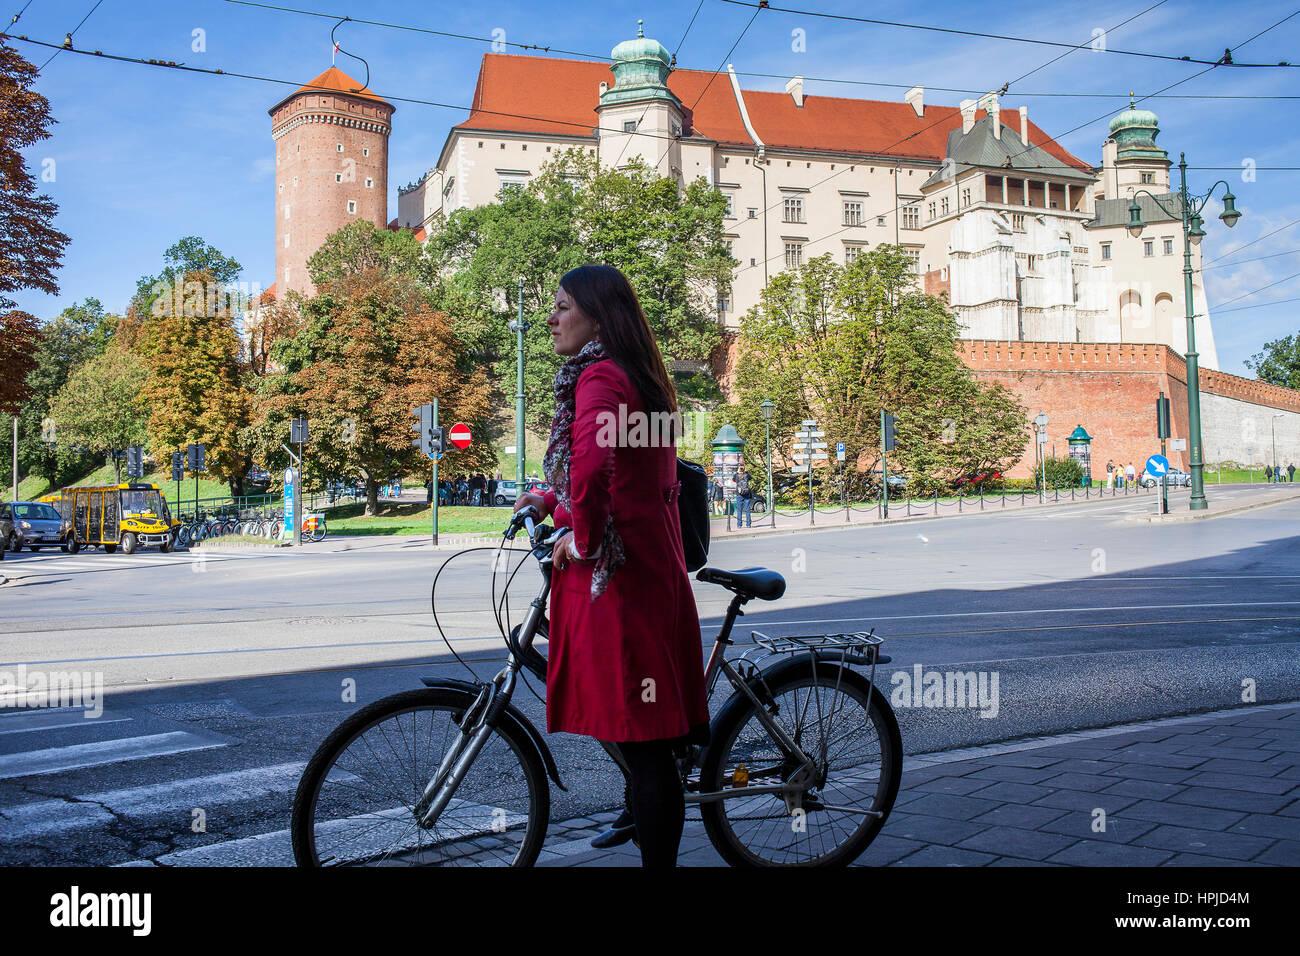 Wawel Royal Castle On Wawel Hill, Krakow Poland Stock Photo